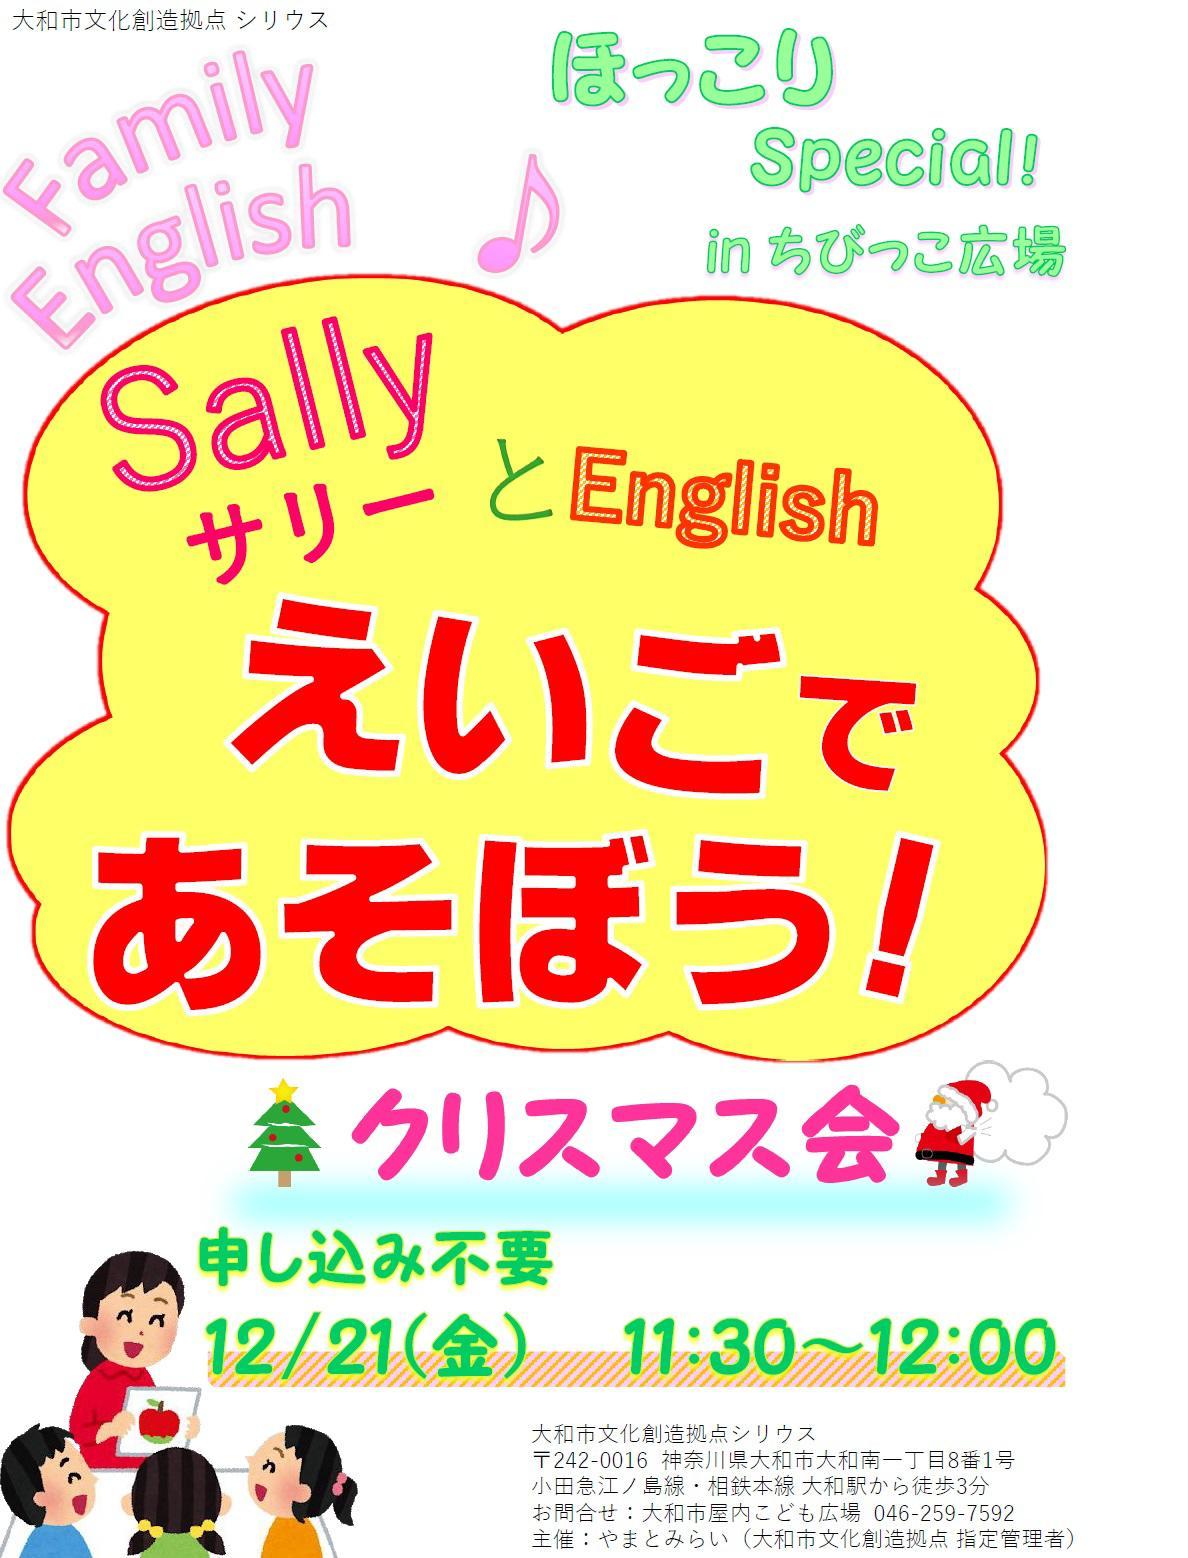 ほっこりSpecial!SallyとEnglish えいごであそぼう!クリスマス会